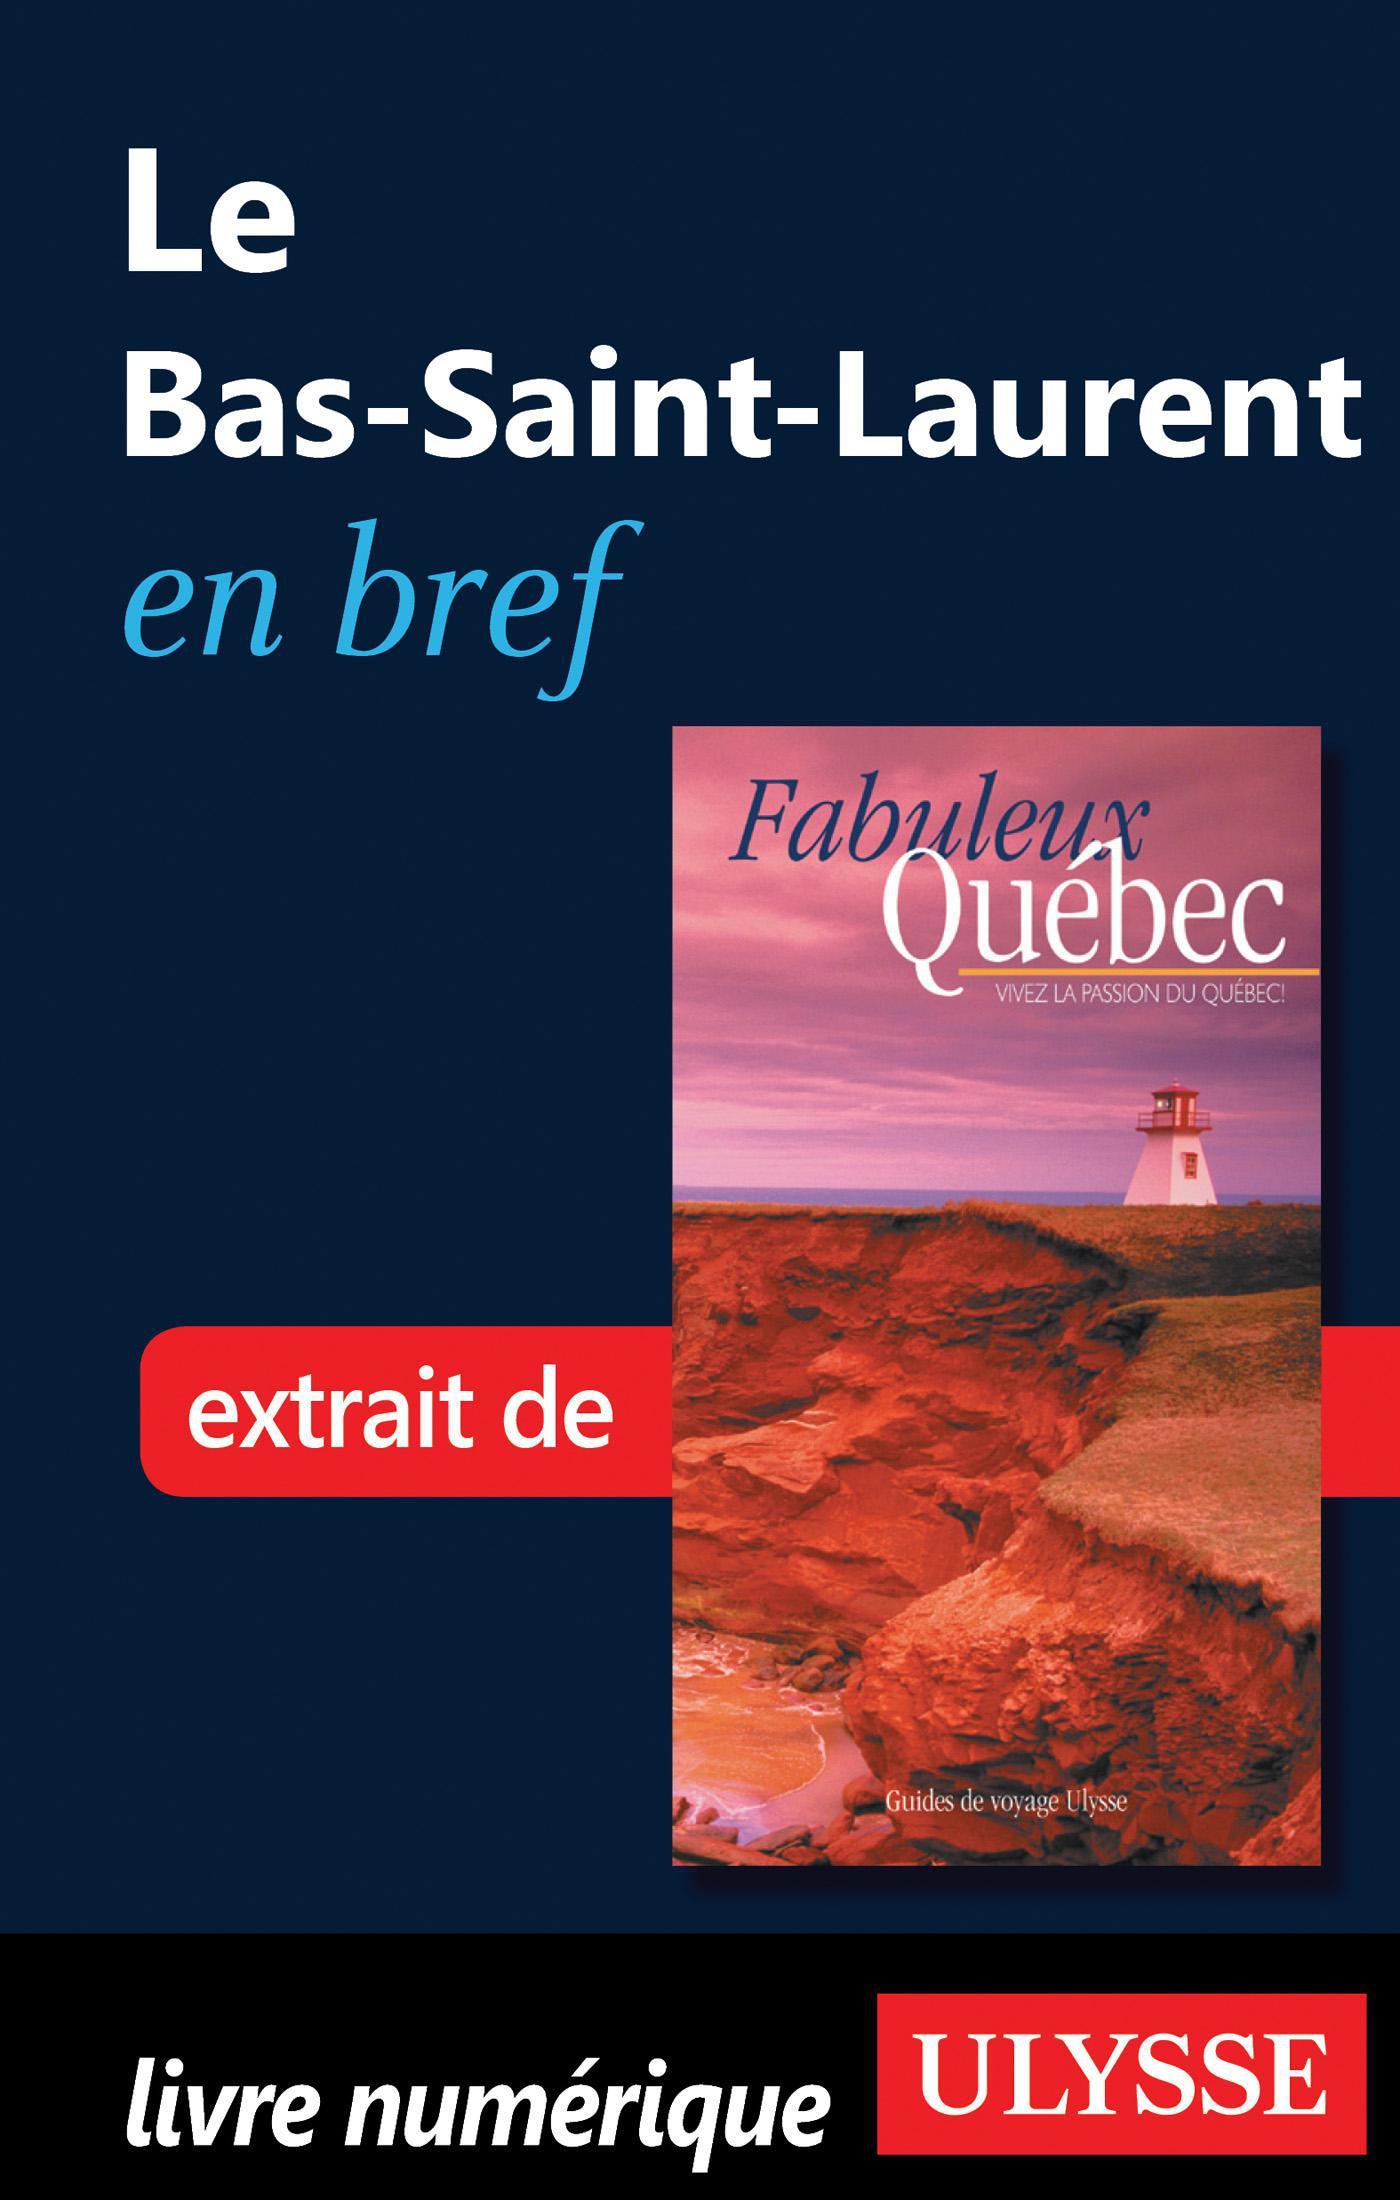 Le Bas-Saint-Laurent en bref